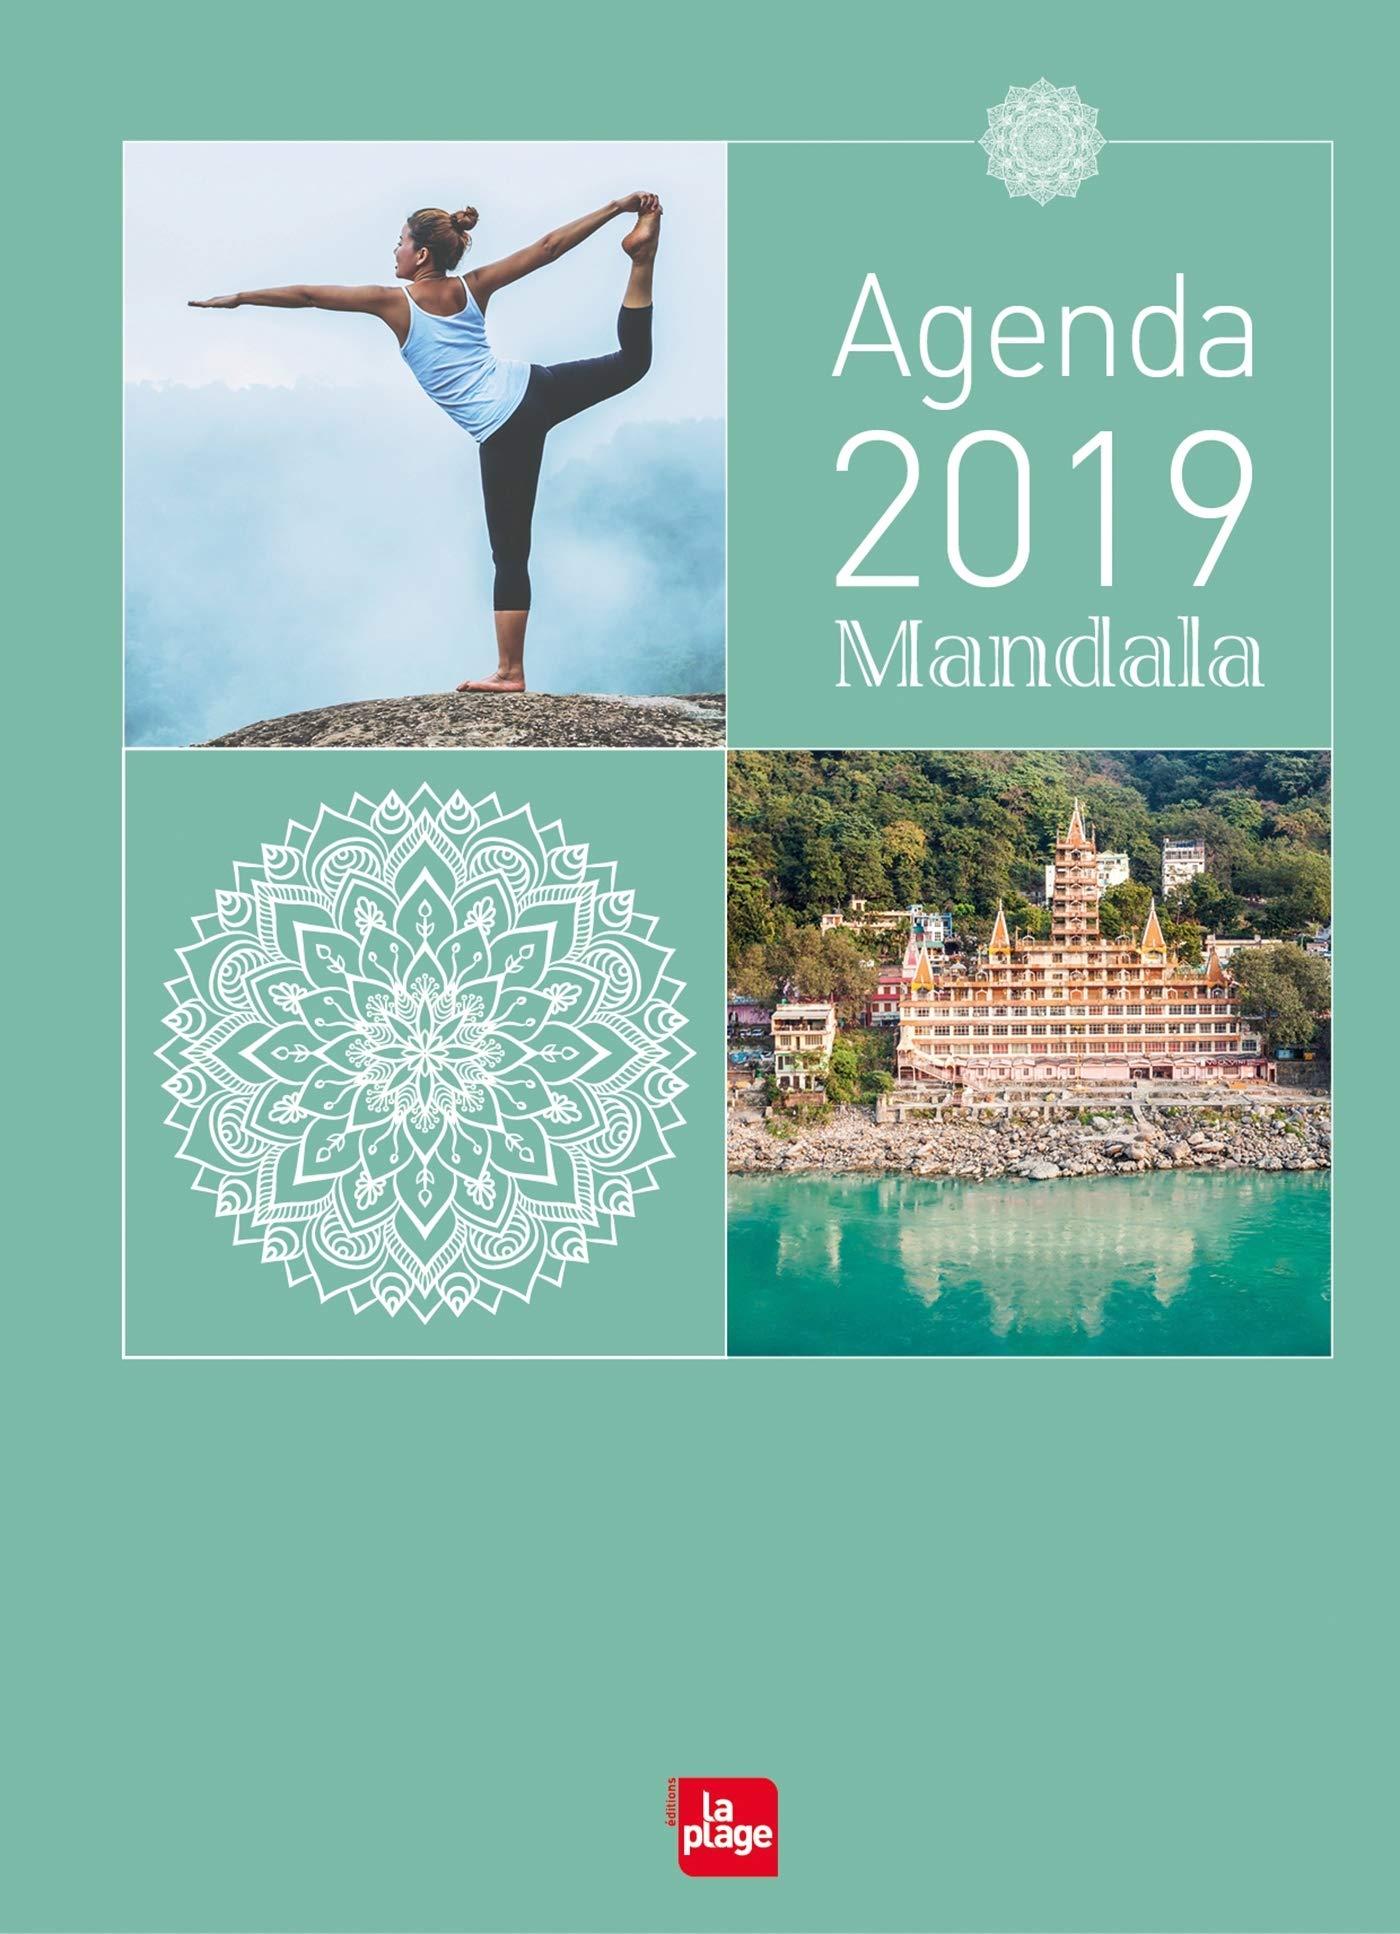 Agenda mandala 2019 petit format: Amazon.es: La Plage La ...